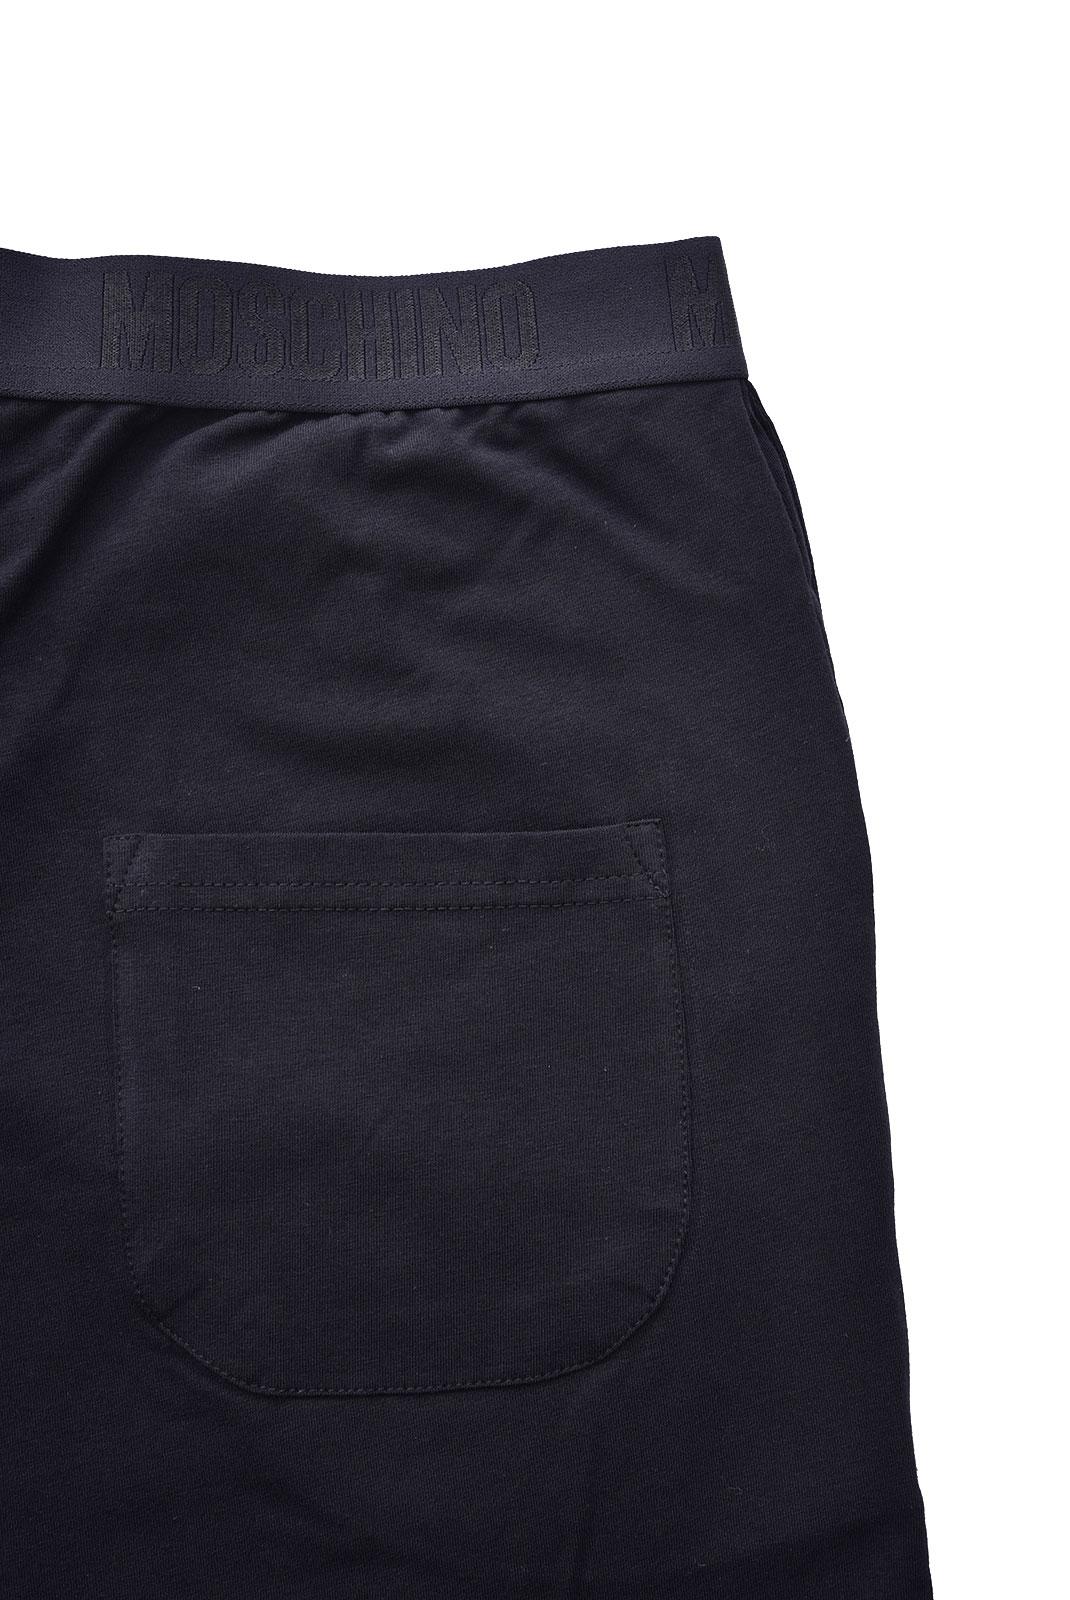 Pyjamas-Peignoirs  Moschino 1A5002 1555 NOIR